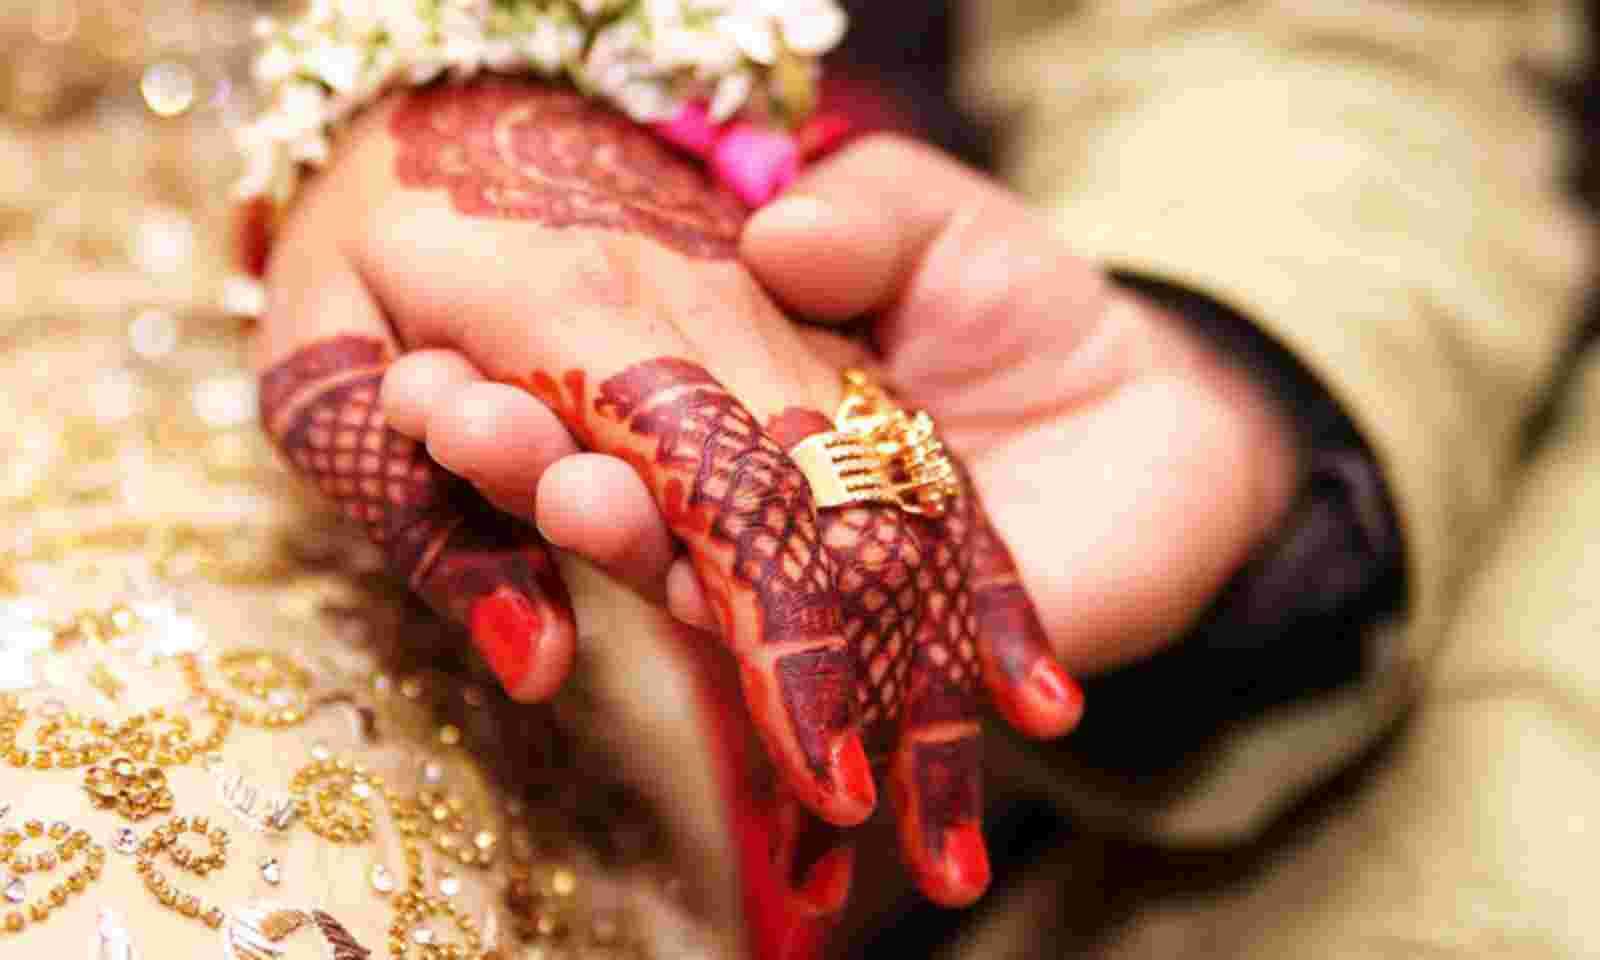 विवाह संस्था आणि स्त्री दास्याचा प्रश्न : आंबेडकरवादी आकलन